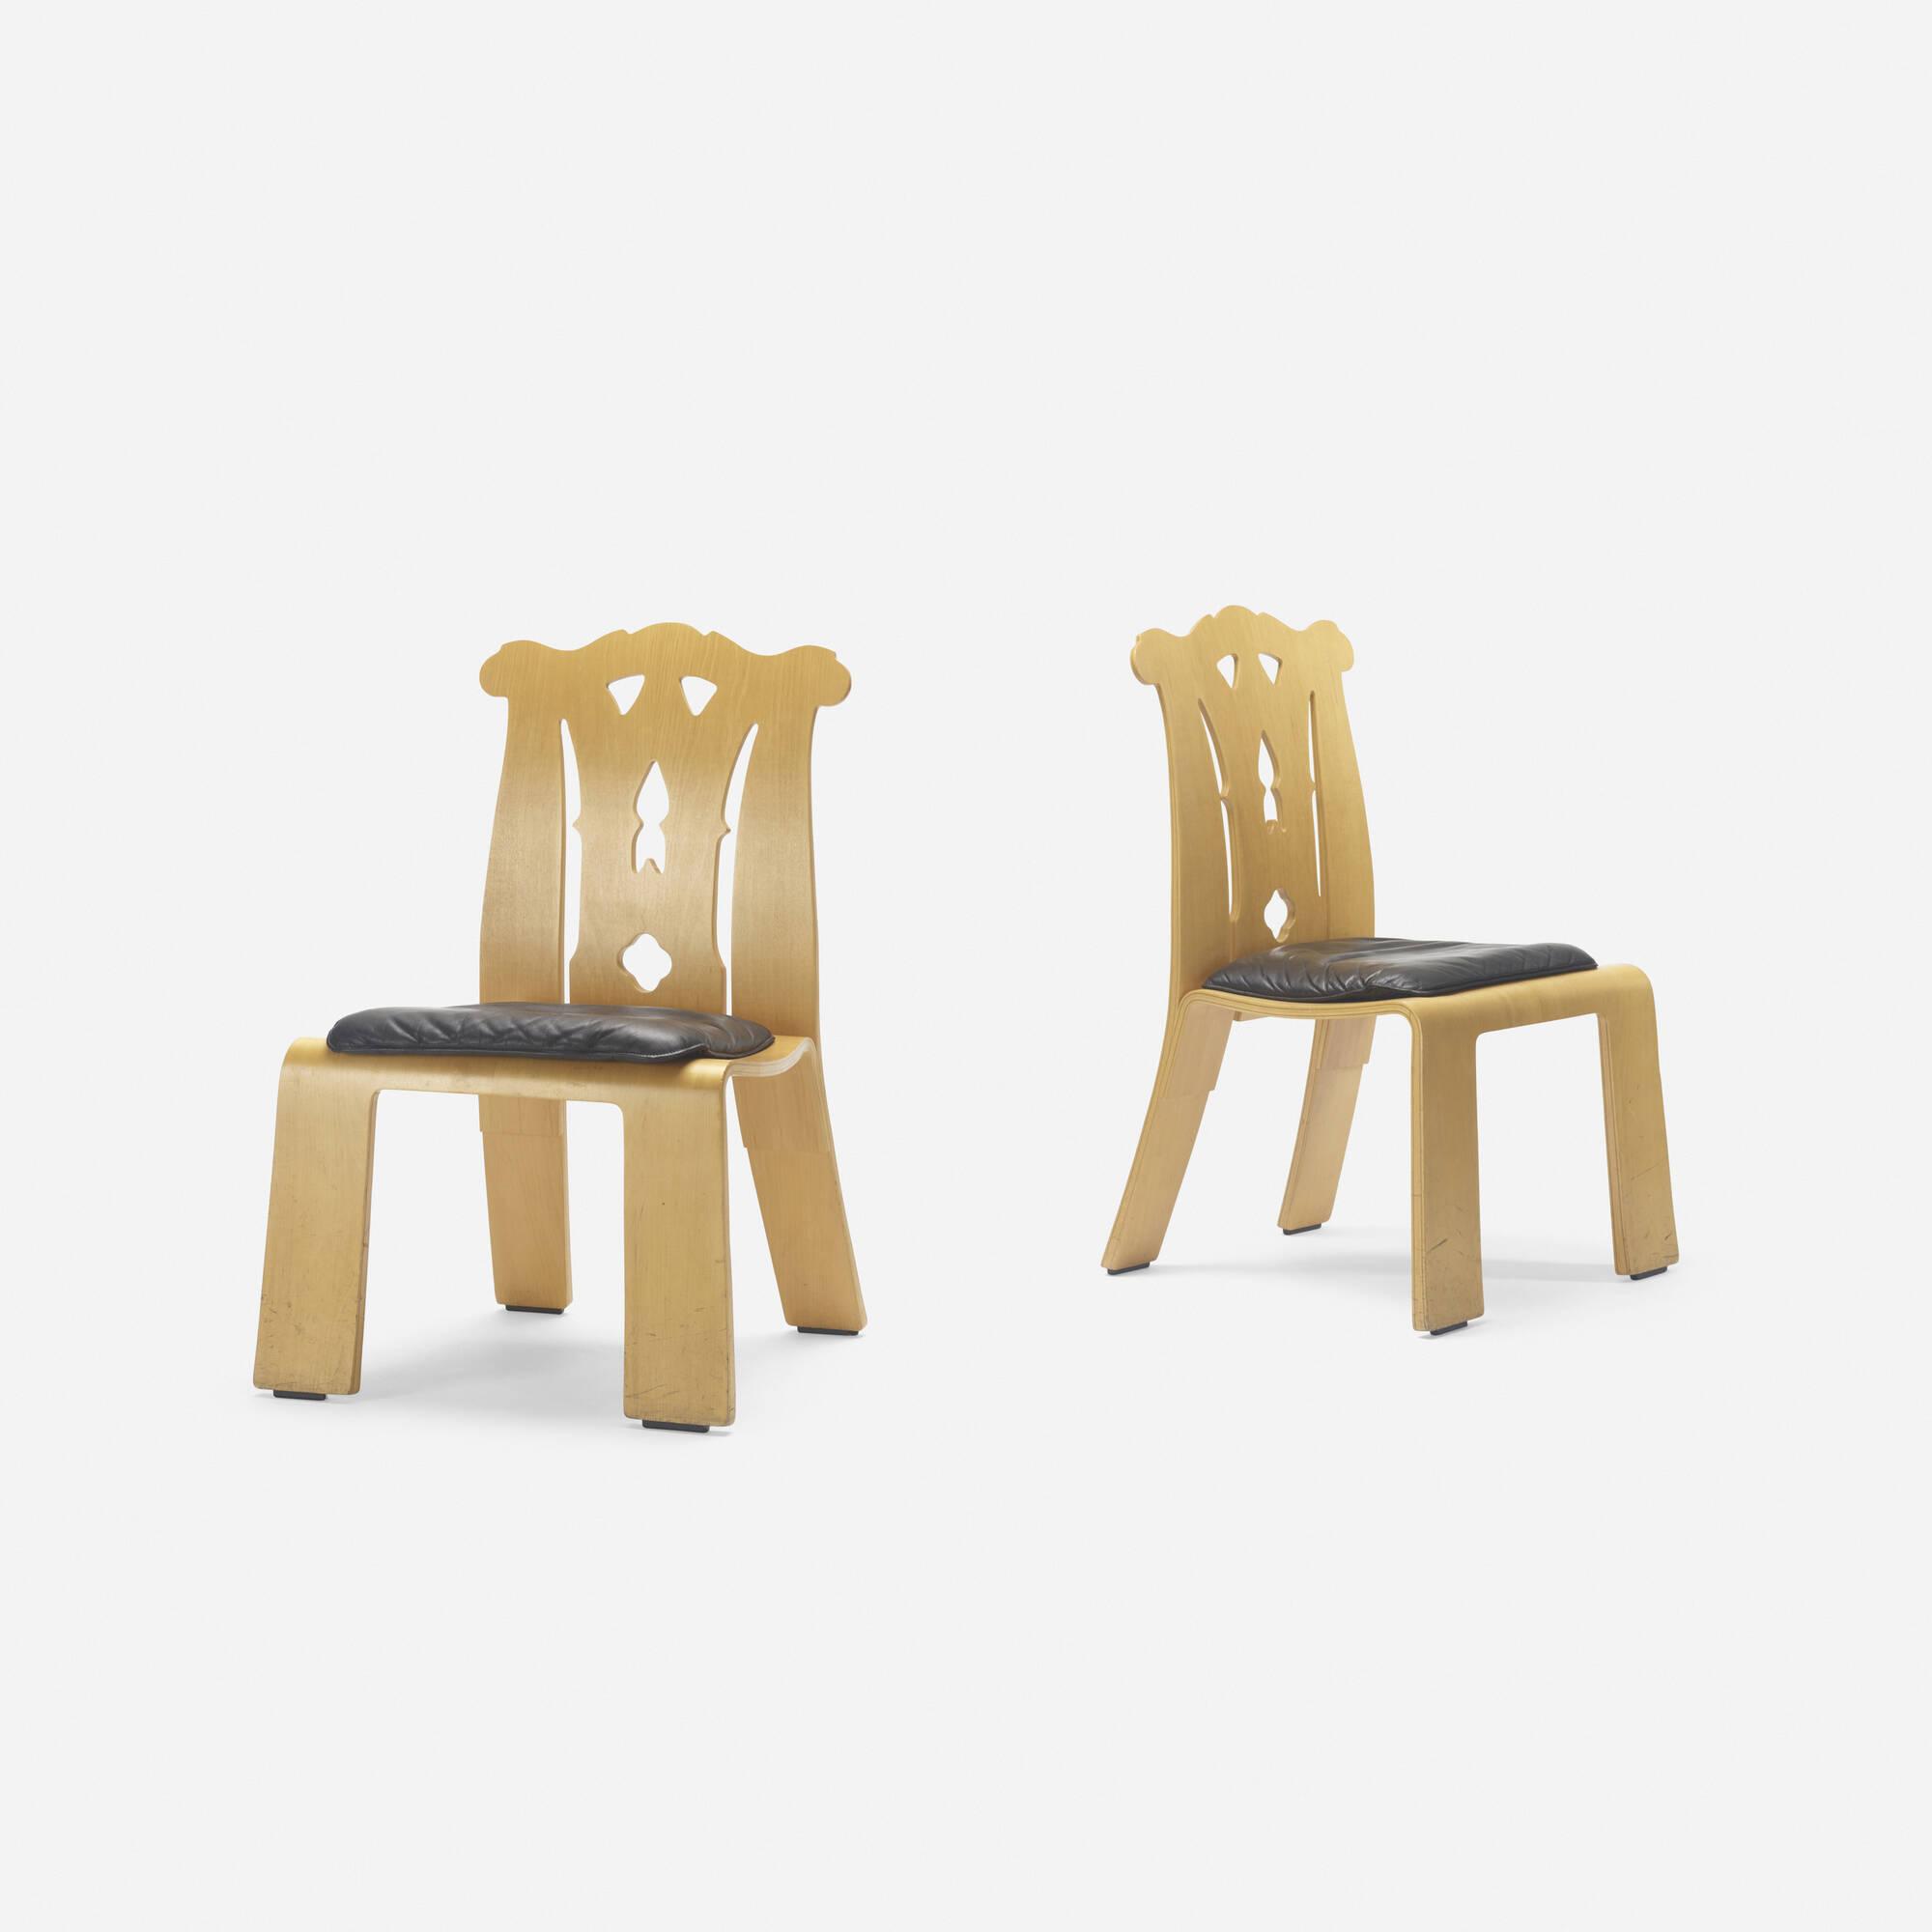 407: Robert Venturi / Chippendale chairs, pair (2 of 3)